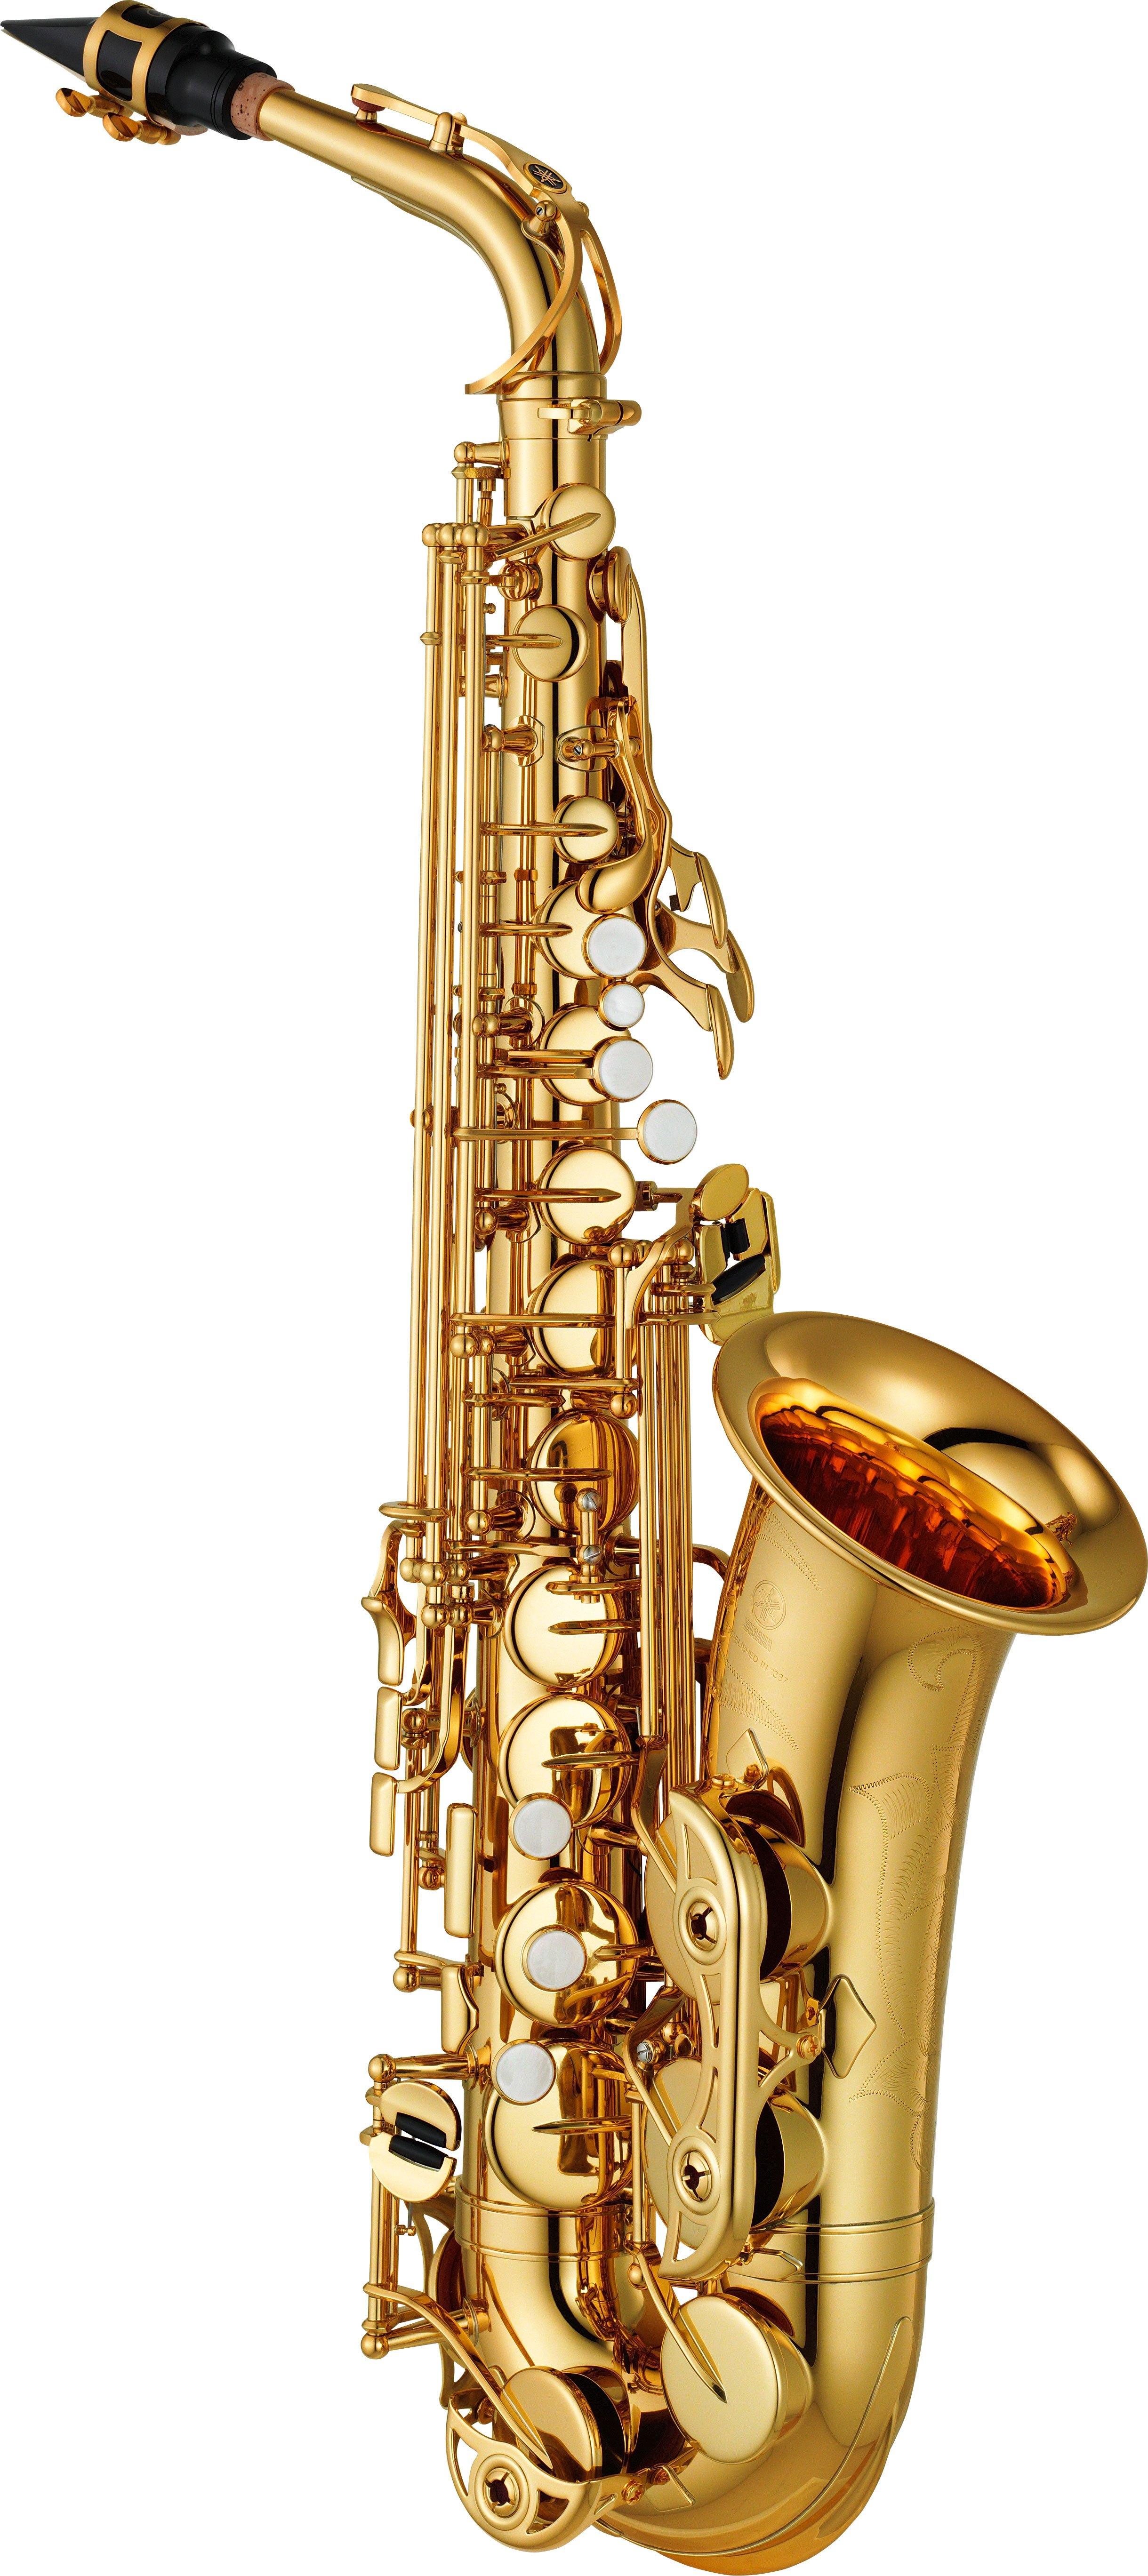 Yamaha - YAS-480 - Holzblasinstrumente - Saxophone | MUSIK BERTRAM Deutschland Freiburg